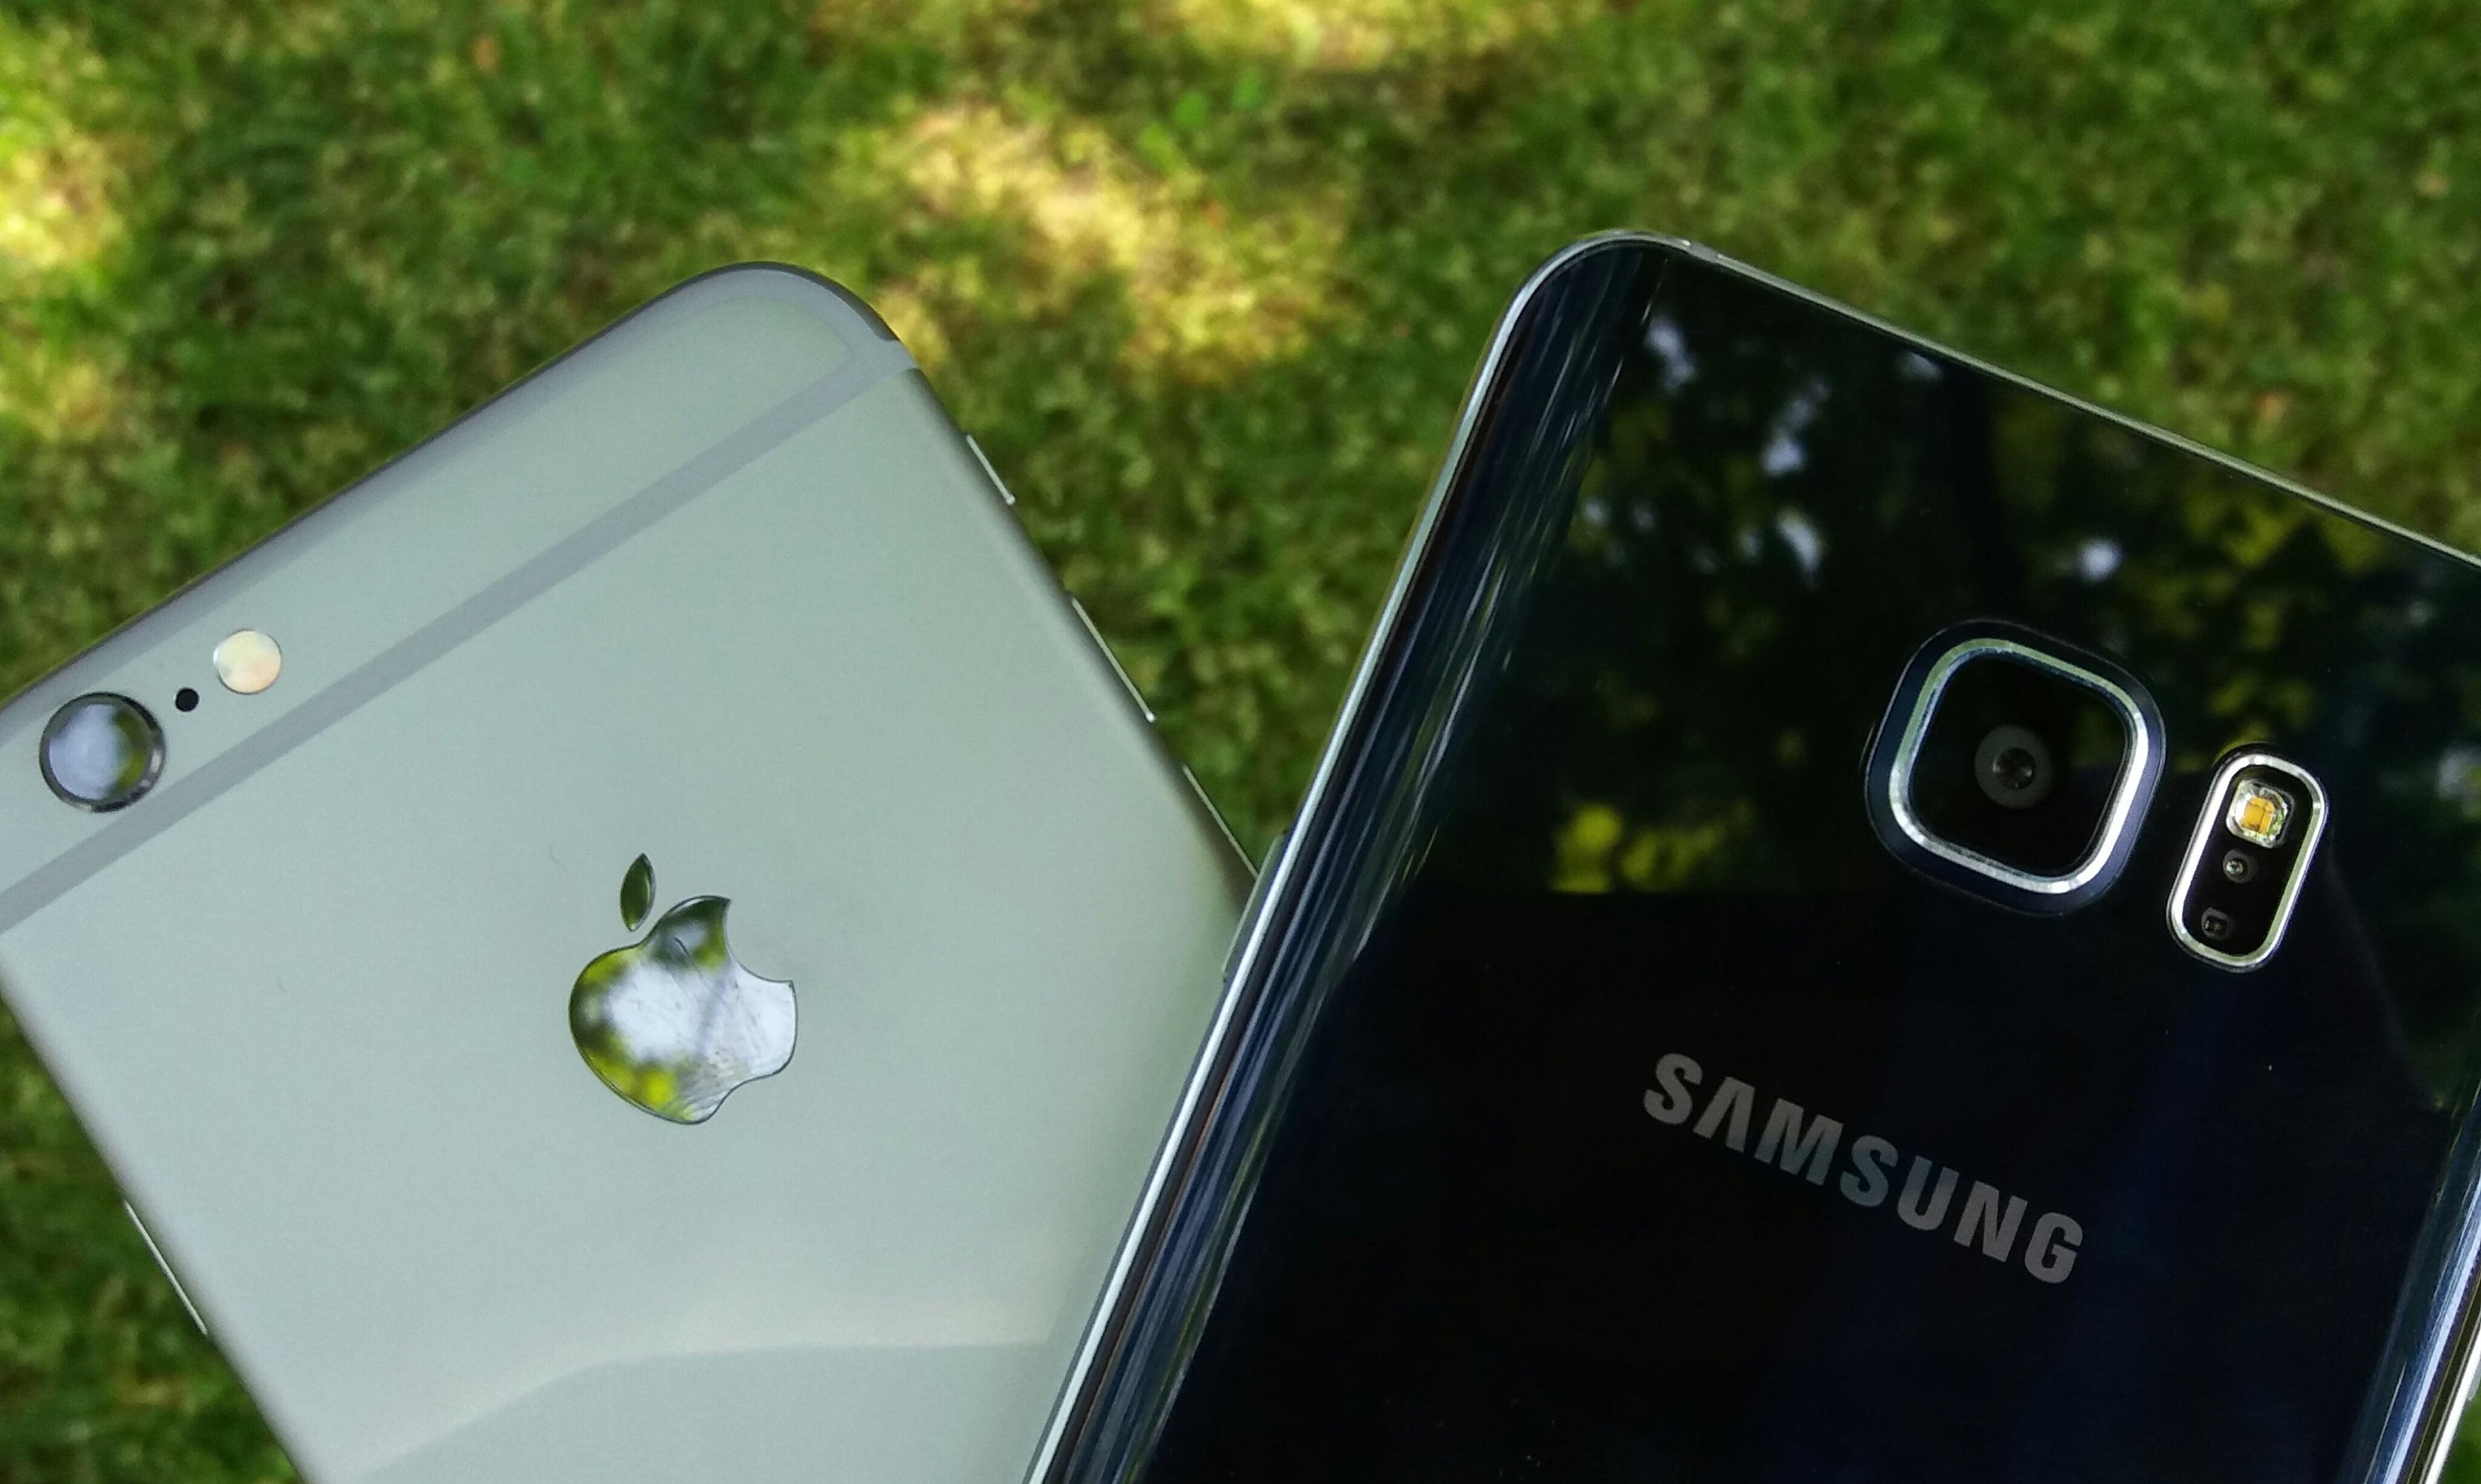 Apple znowu prześcignęło Samsunga. W grę wchodzą ogromne pieniądze 20